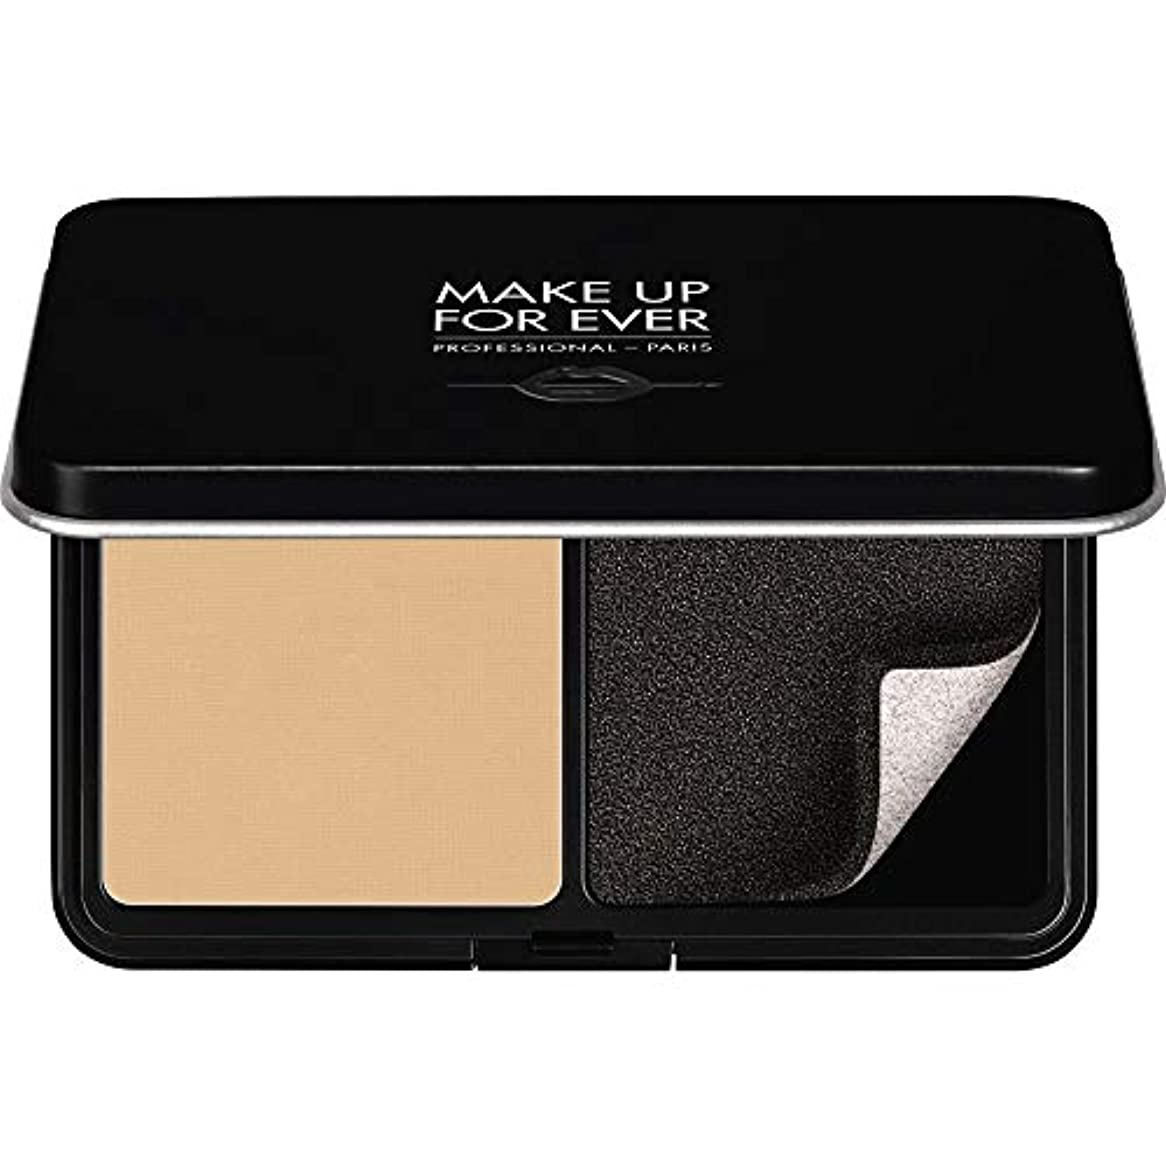 英語の授業がありますフェリー権威[MAKE UP FOR EVER ] パウダーファンデーション11GののY225をぼかし、これまでマットベルベットの肌を補う - 大理石 - MAKE UP FOR EVER Matte Velvet Skin Blurring...